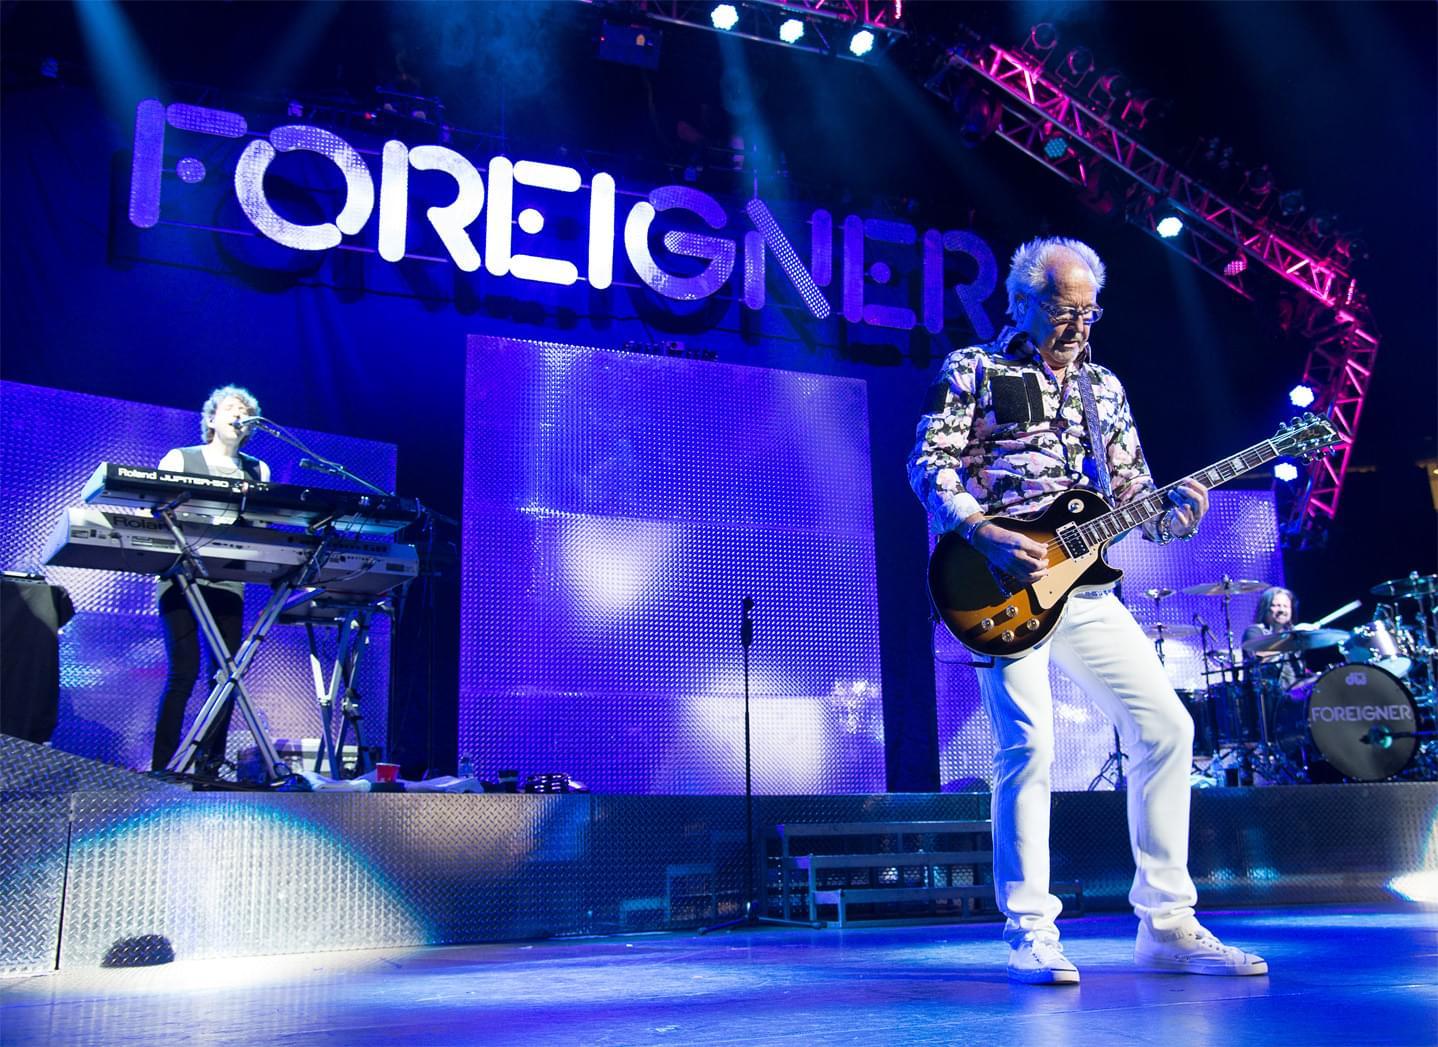 Foreigner, Kansas, & Europe postpone Juke Box Hero Tour until 2021